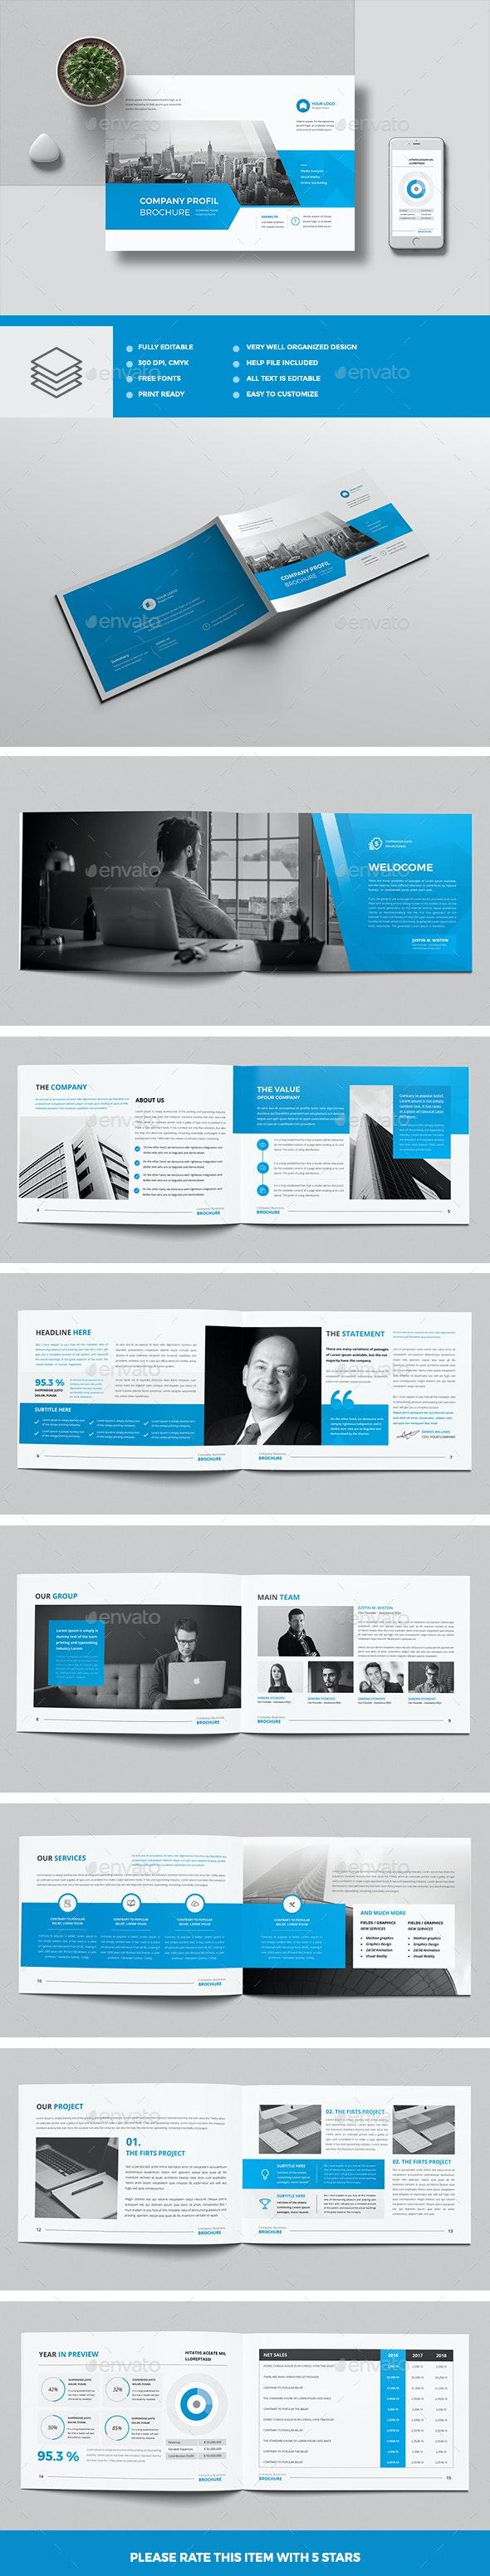 The Blue Corporate Brochure Landscape - Corporate Brochures